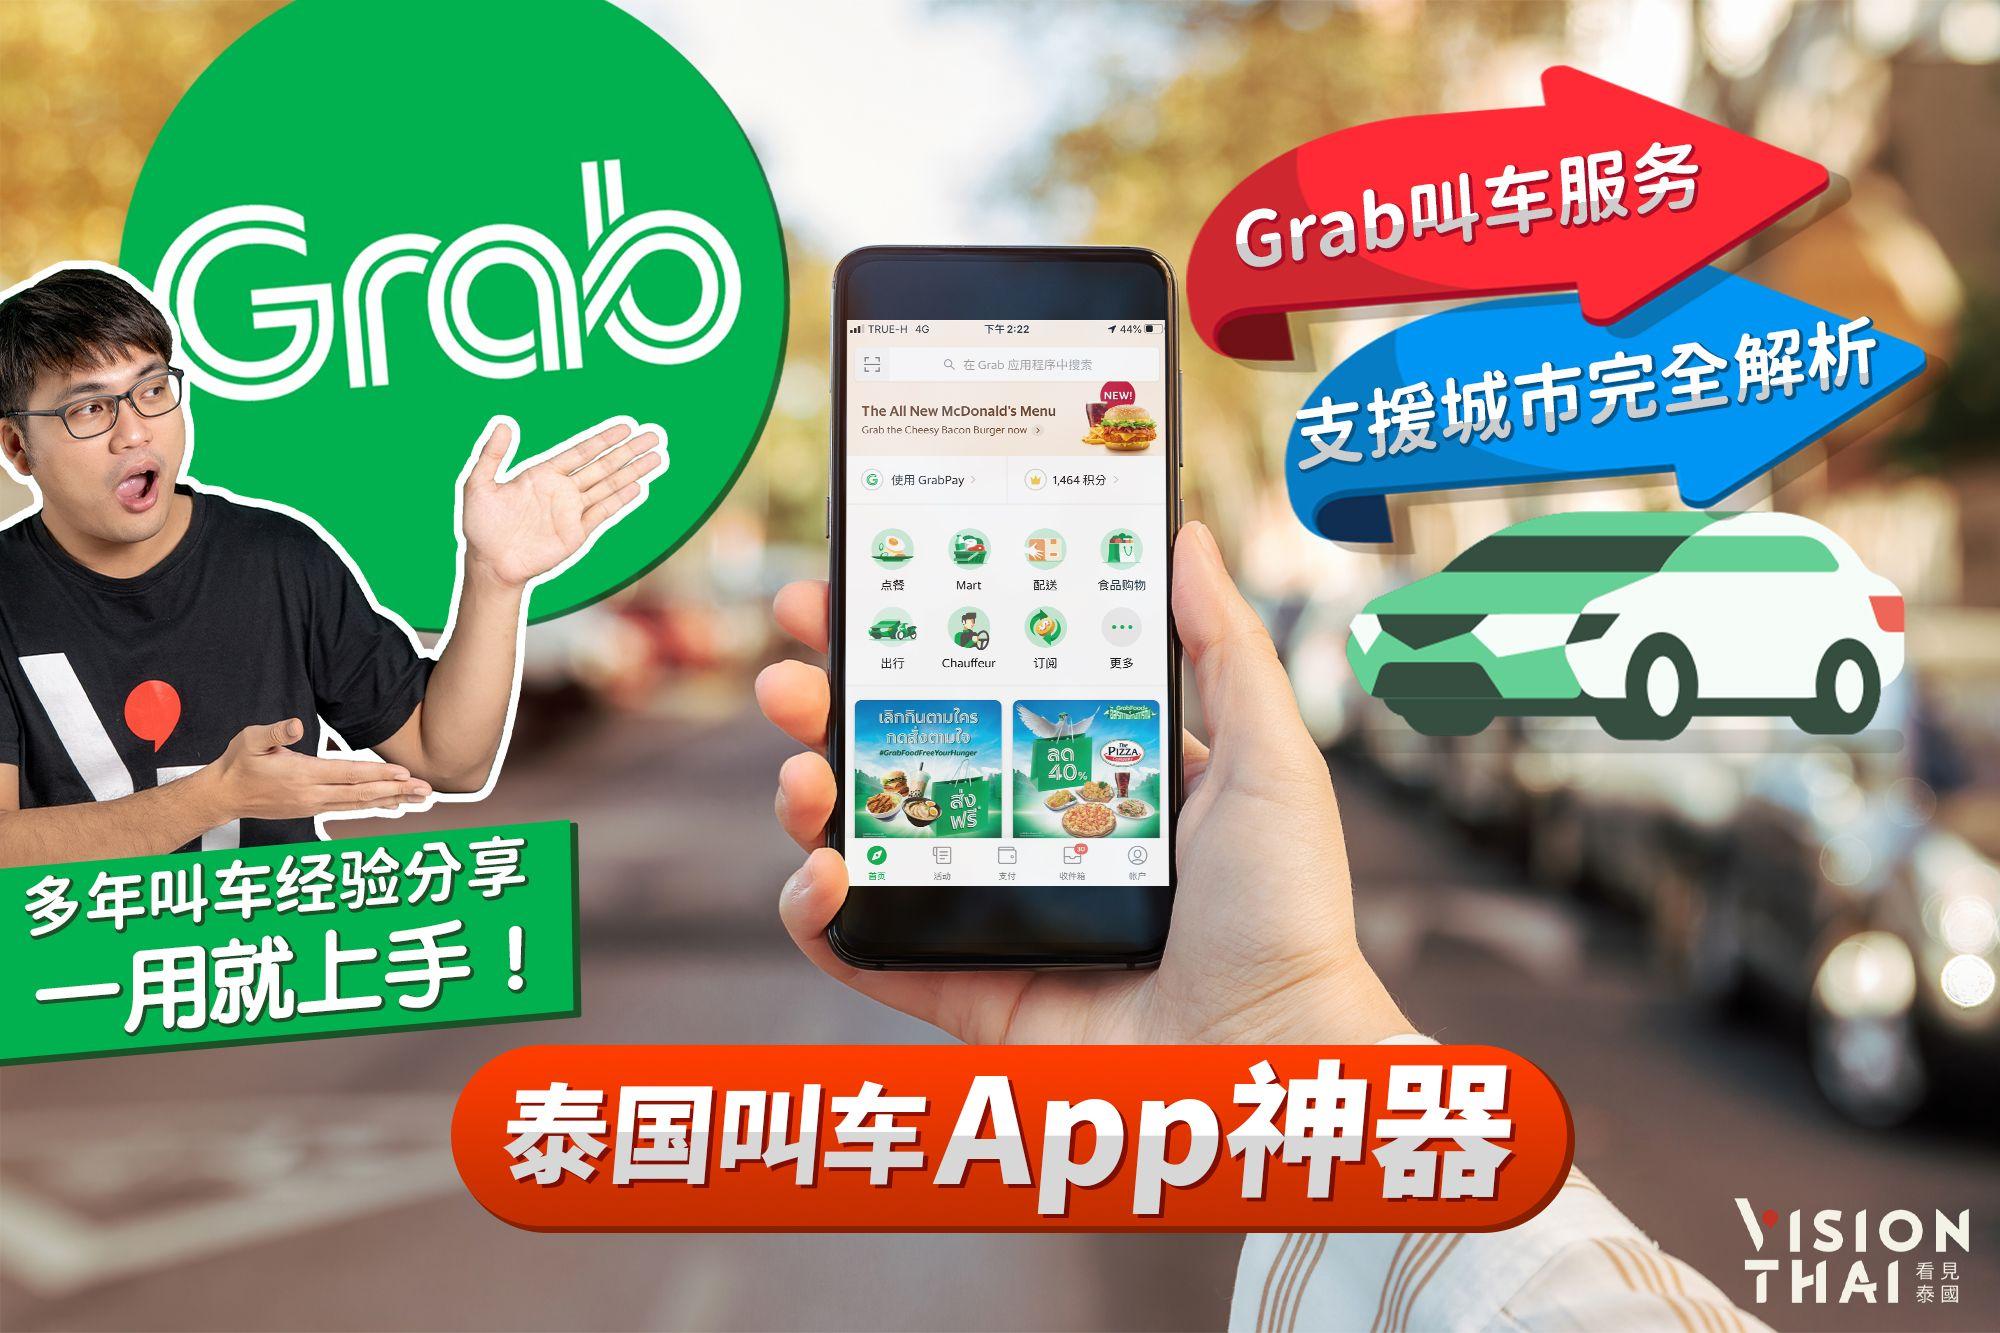 泰国自由行必备叫车App Grab叫车服务、支援城市完全解析